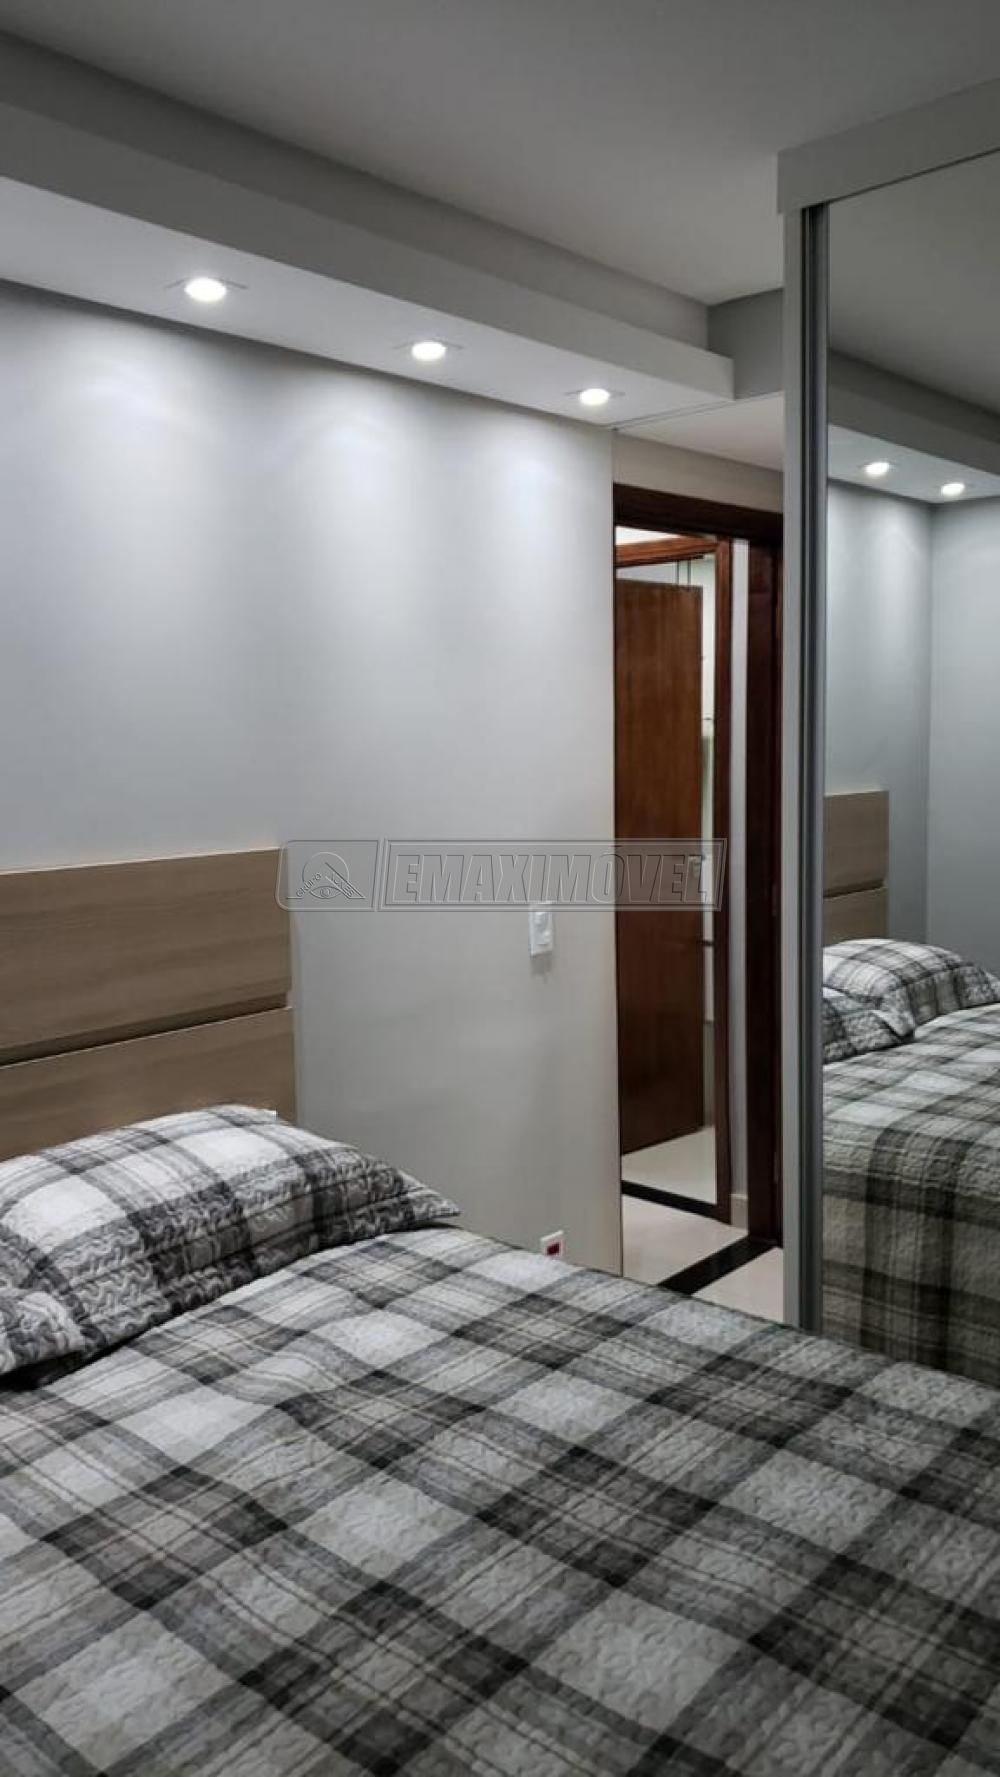 Alugar Apartamento / Padrão em Sorocaba R$ 1.600,00 - Foto 12